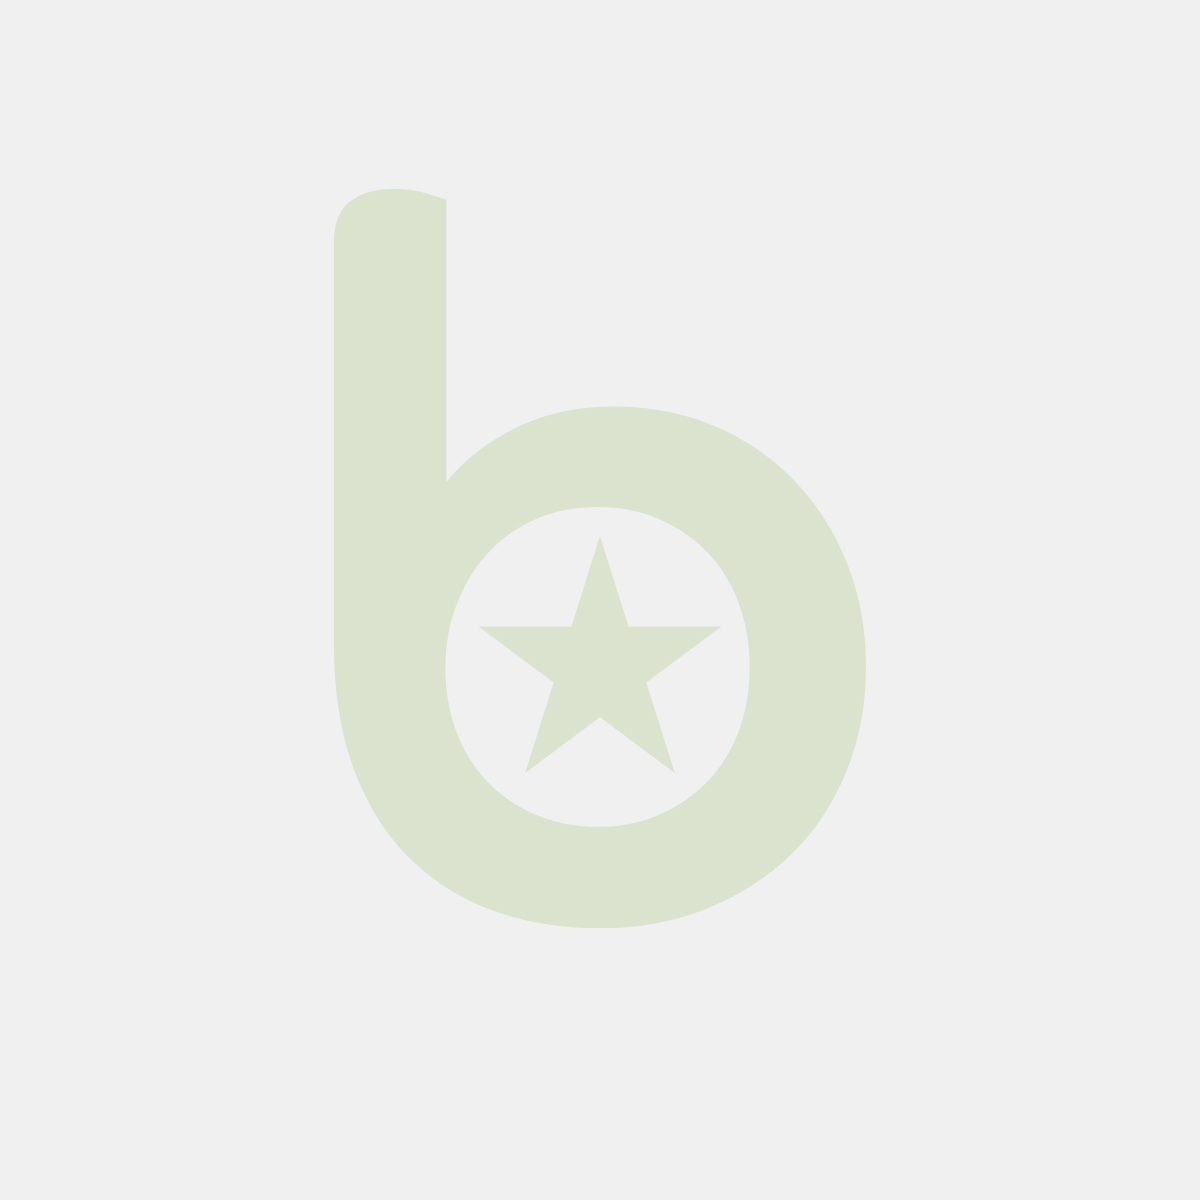 Garnek wysoki Profi Line z pokrywką poj. 10 l, ⌀240x(H)220 - kod - 832400